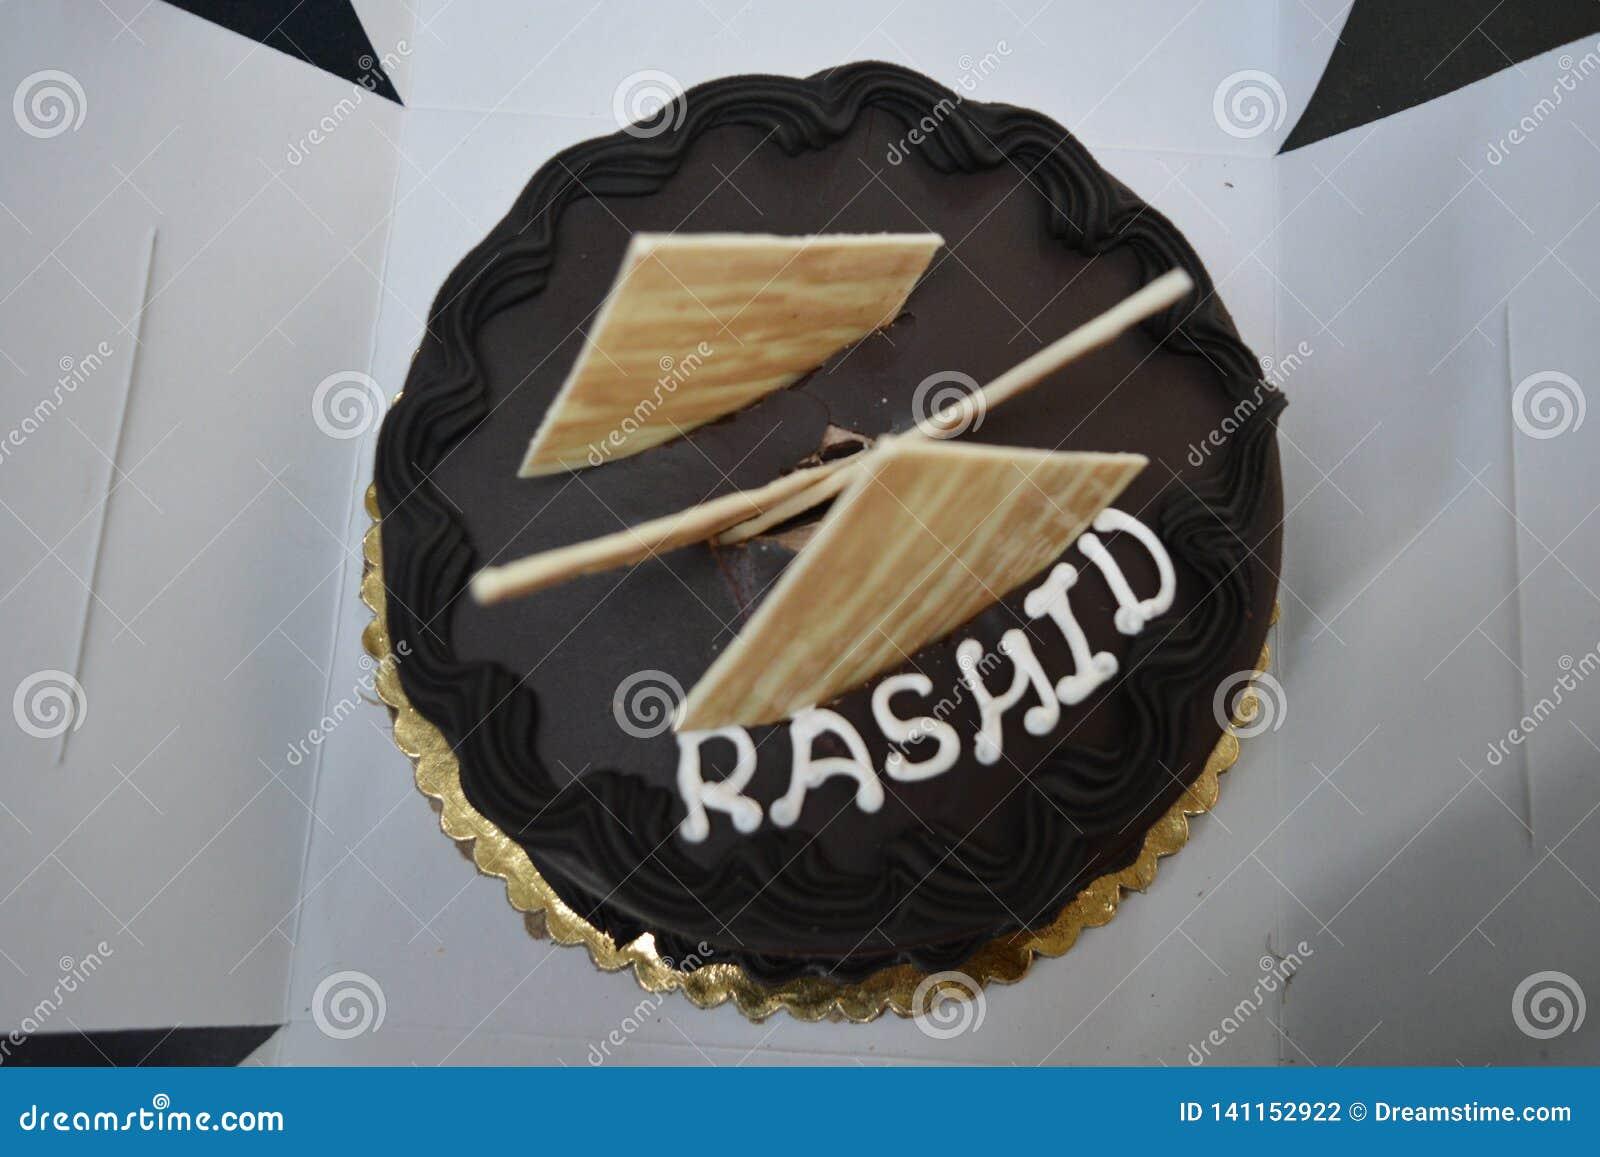 Bolo de aniversário com nome Rashid